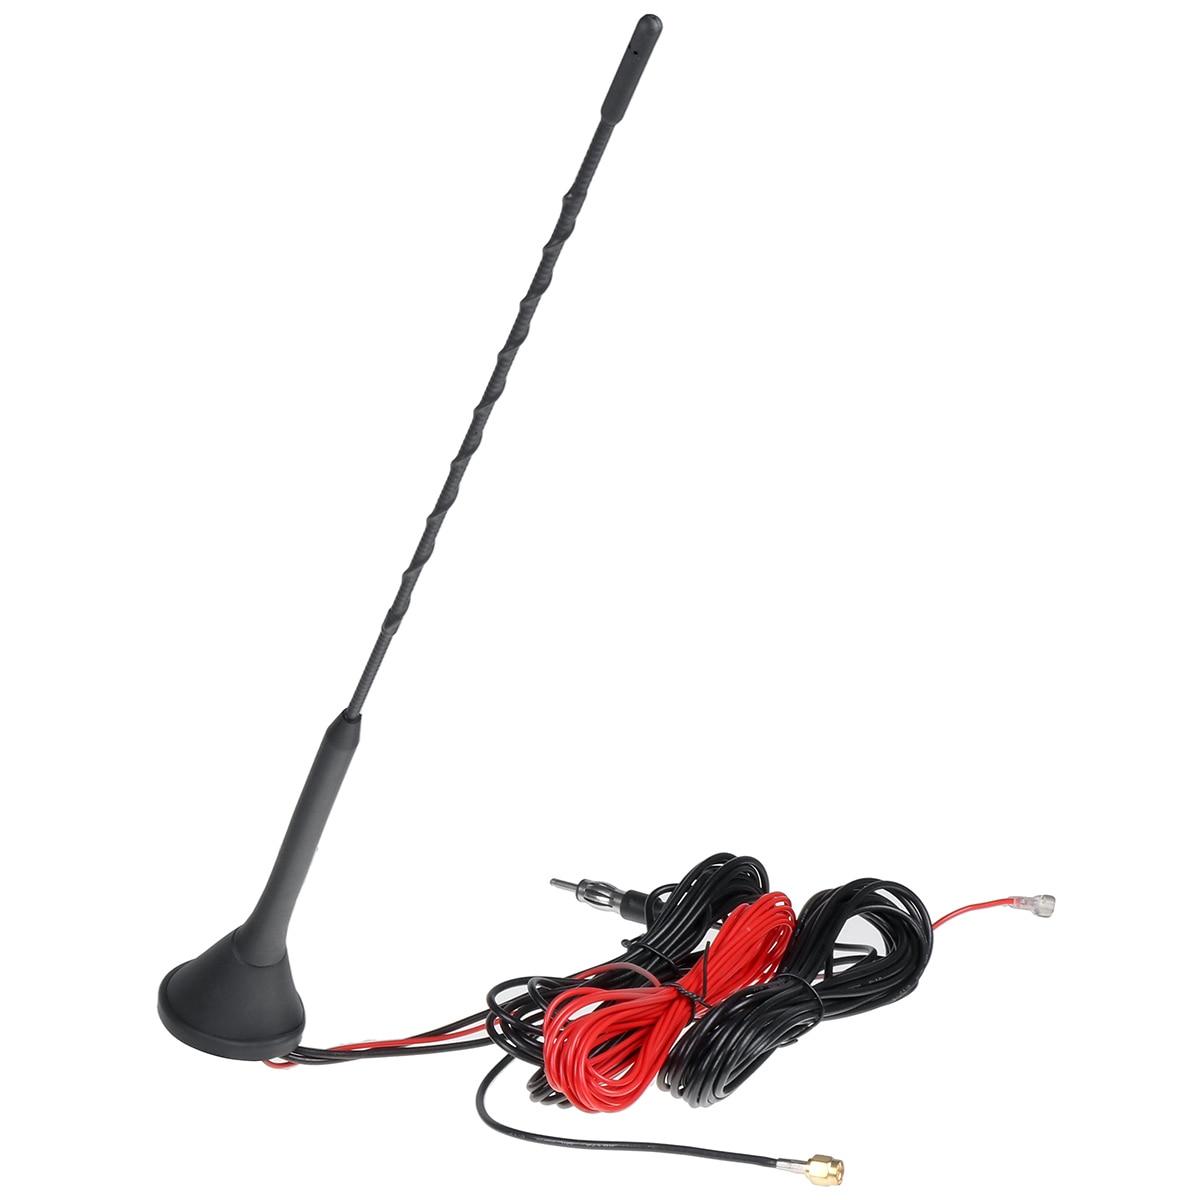 Montagem superior do telhado am fm antena de rádio antena base kit universal ativo amplificado dab + fm rádio antena do carro mastro Antenas    -